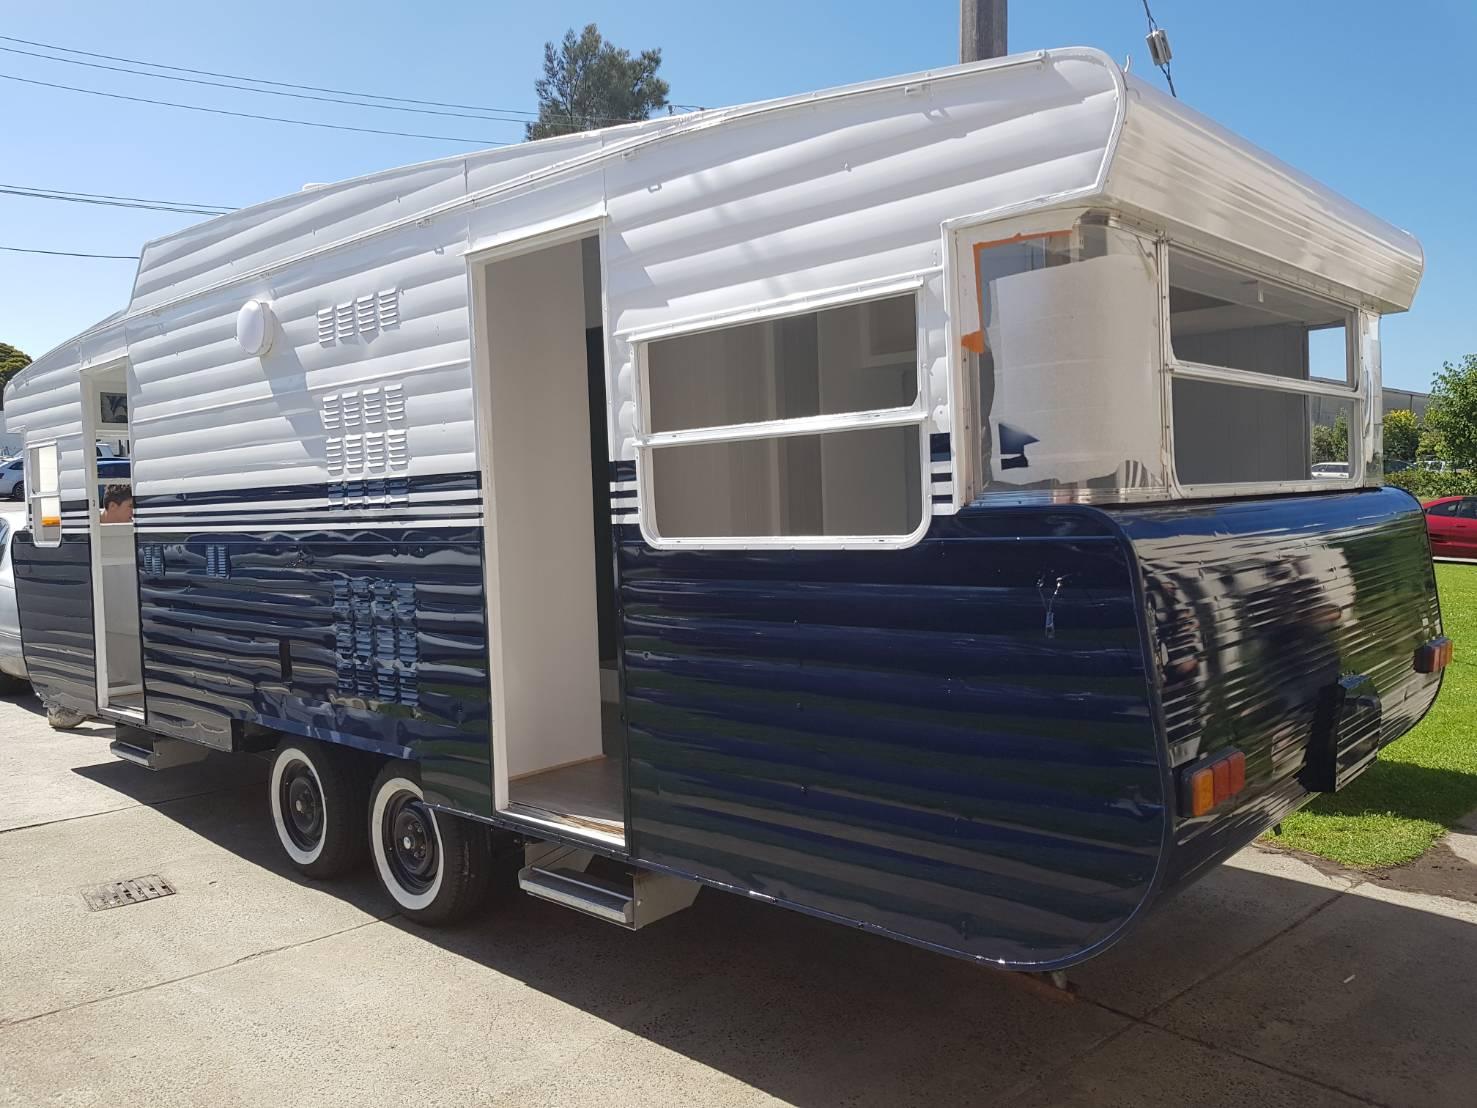 Caravan refurbishment